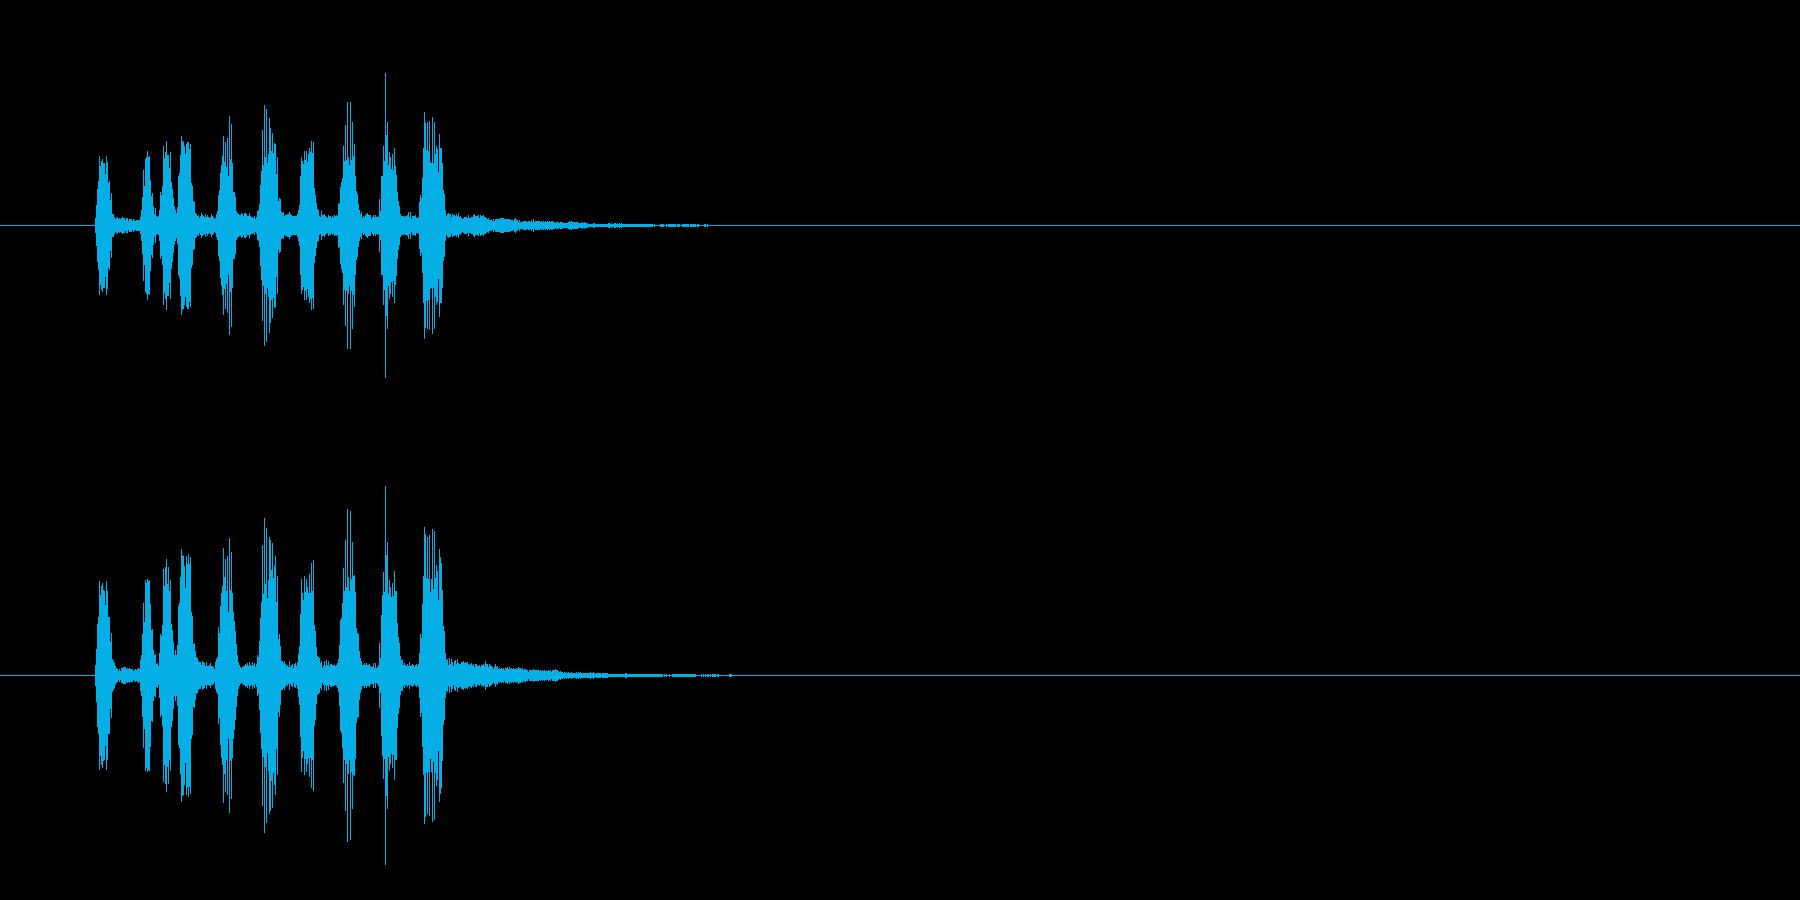 ジングル(ファンファーレ風)の再生済みの波形